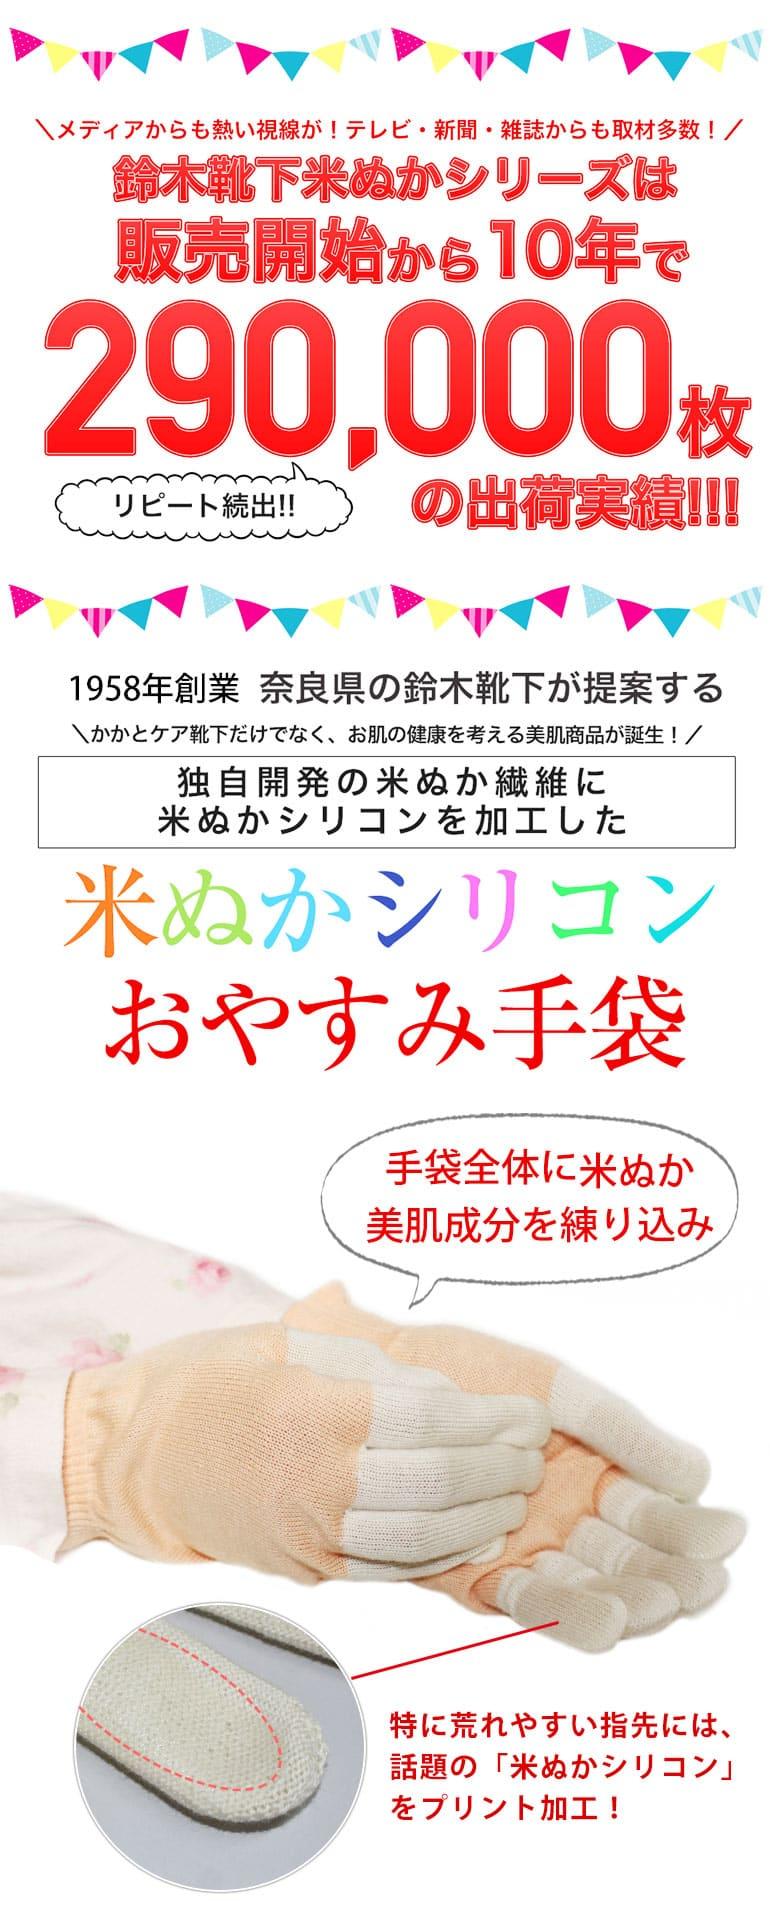 米ぬかシリコンおやすみ手袋は、手袋全体に米ぬか成分練りこみ。